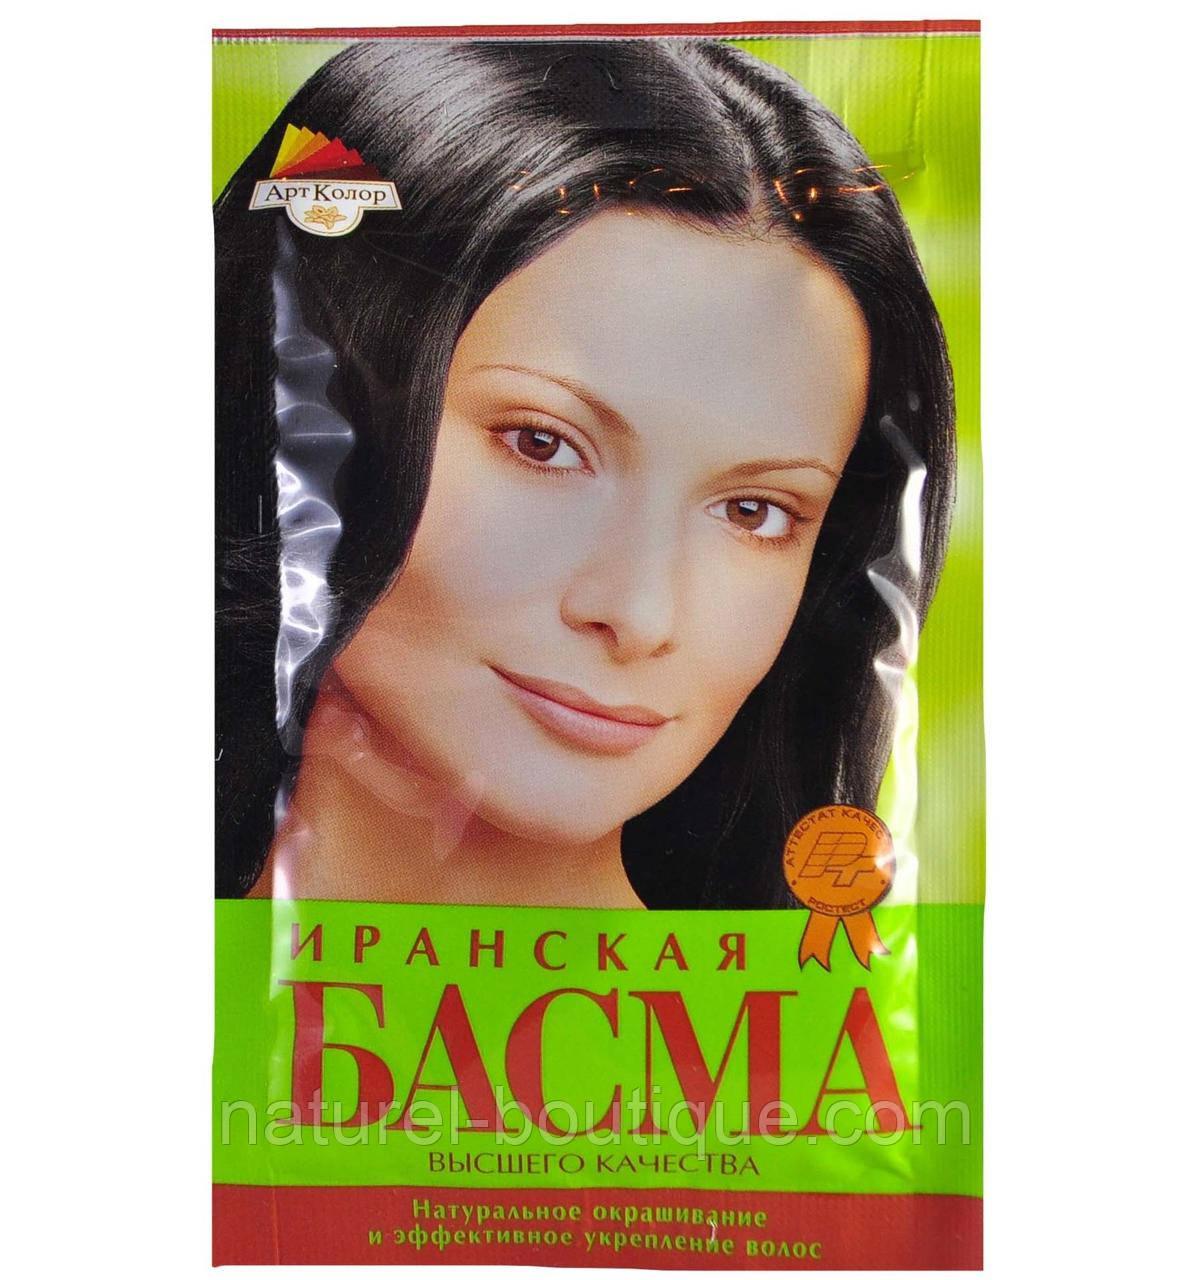 Басма иранская Арт Колор (євролок)